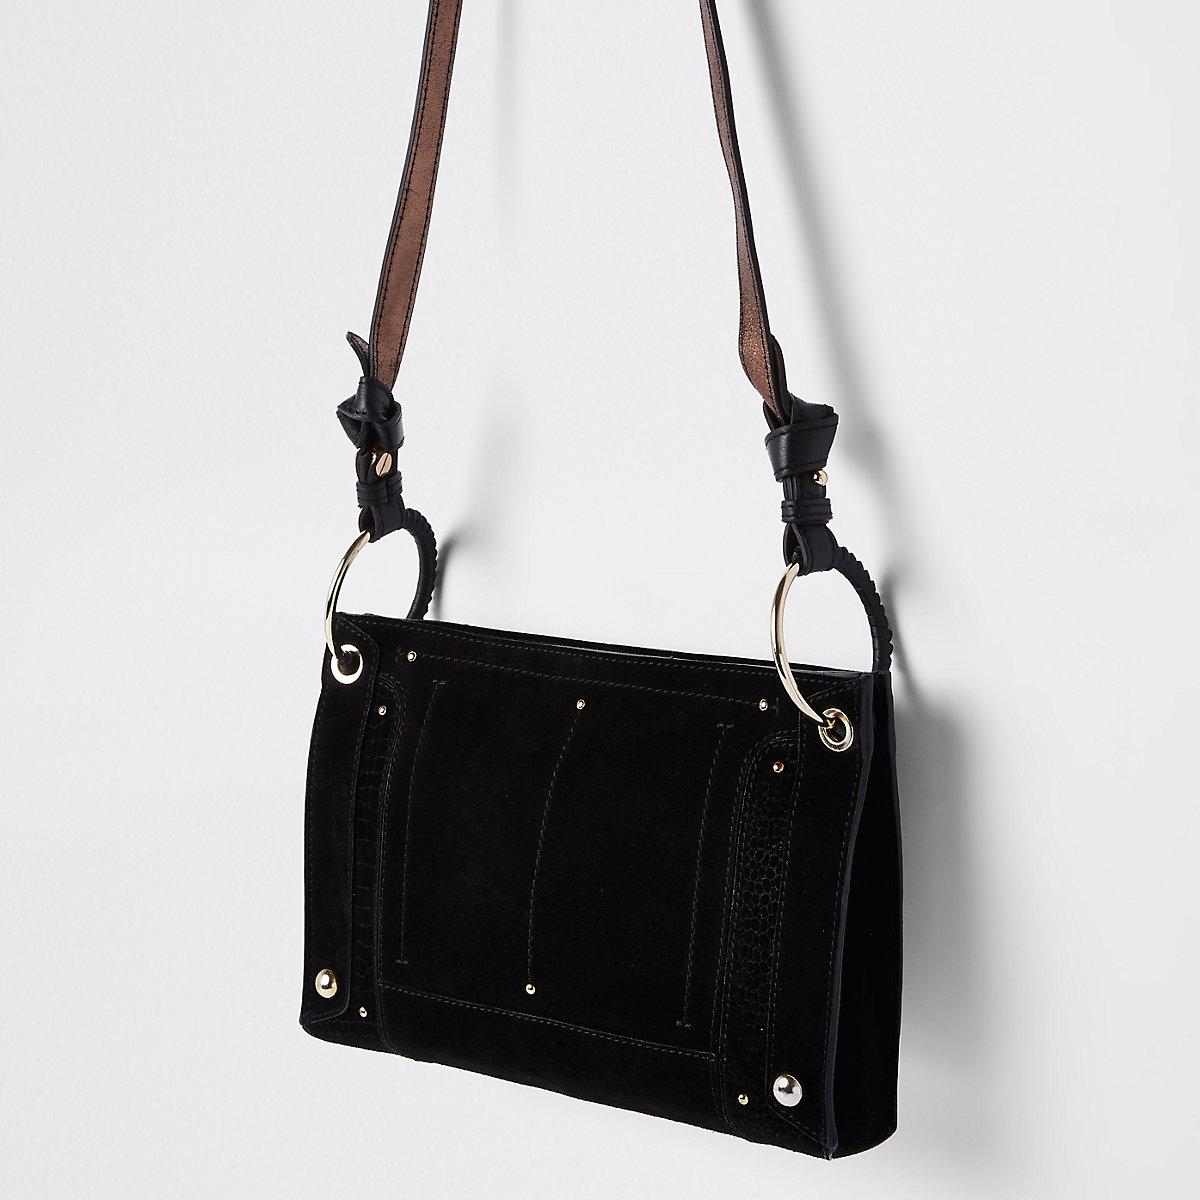 Black leather metal hoop cross body bag